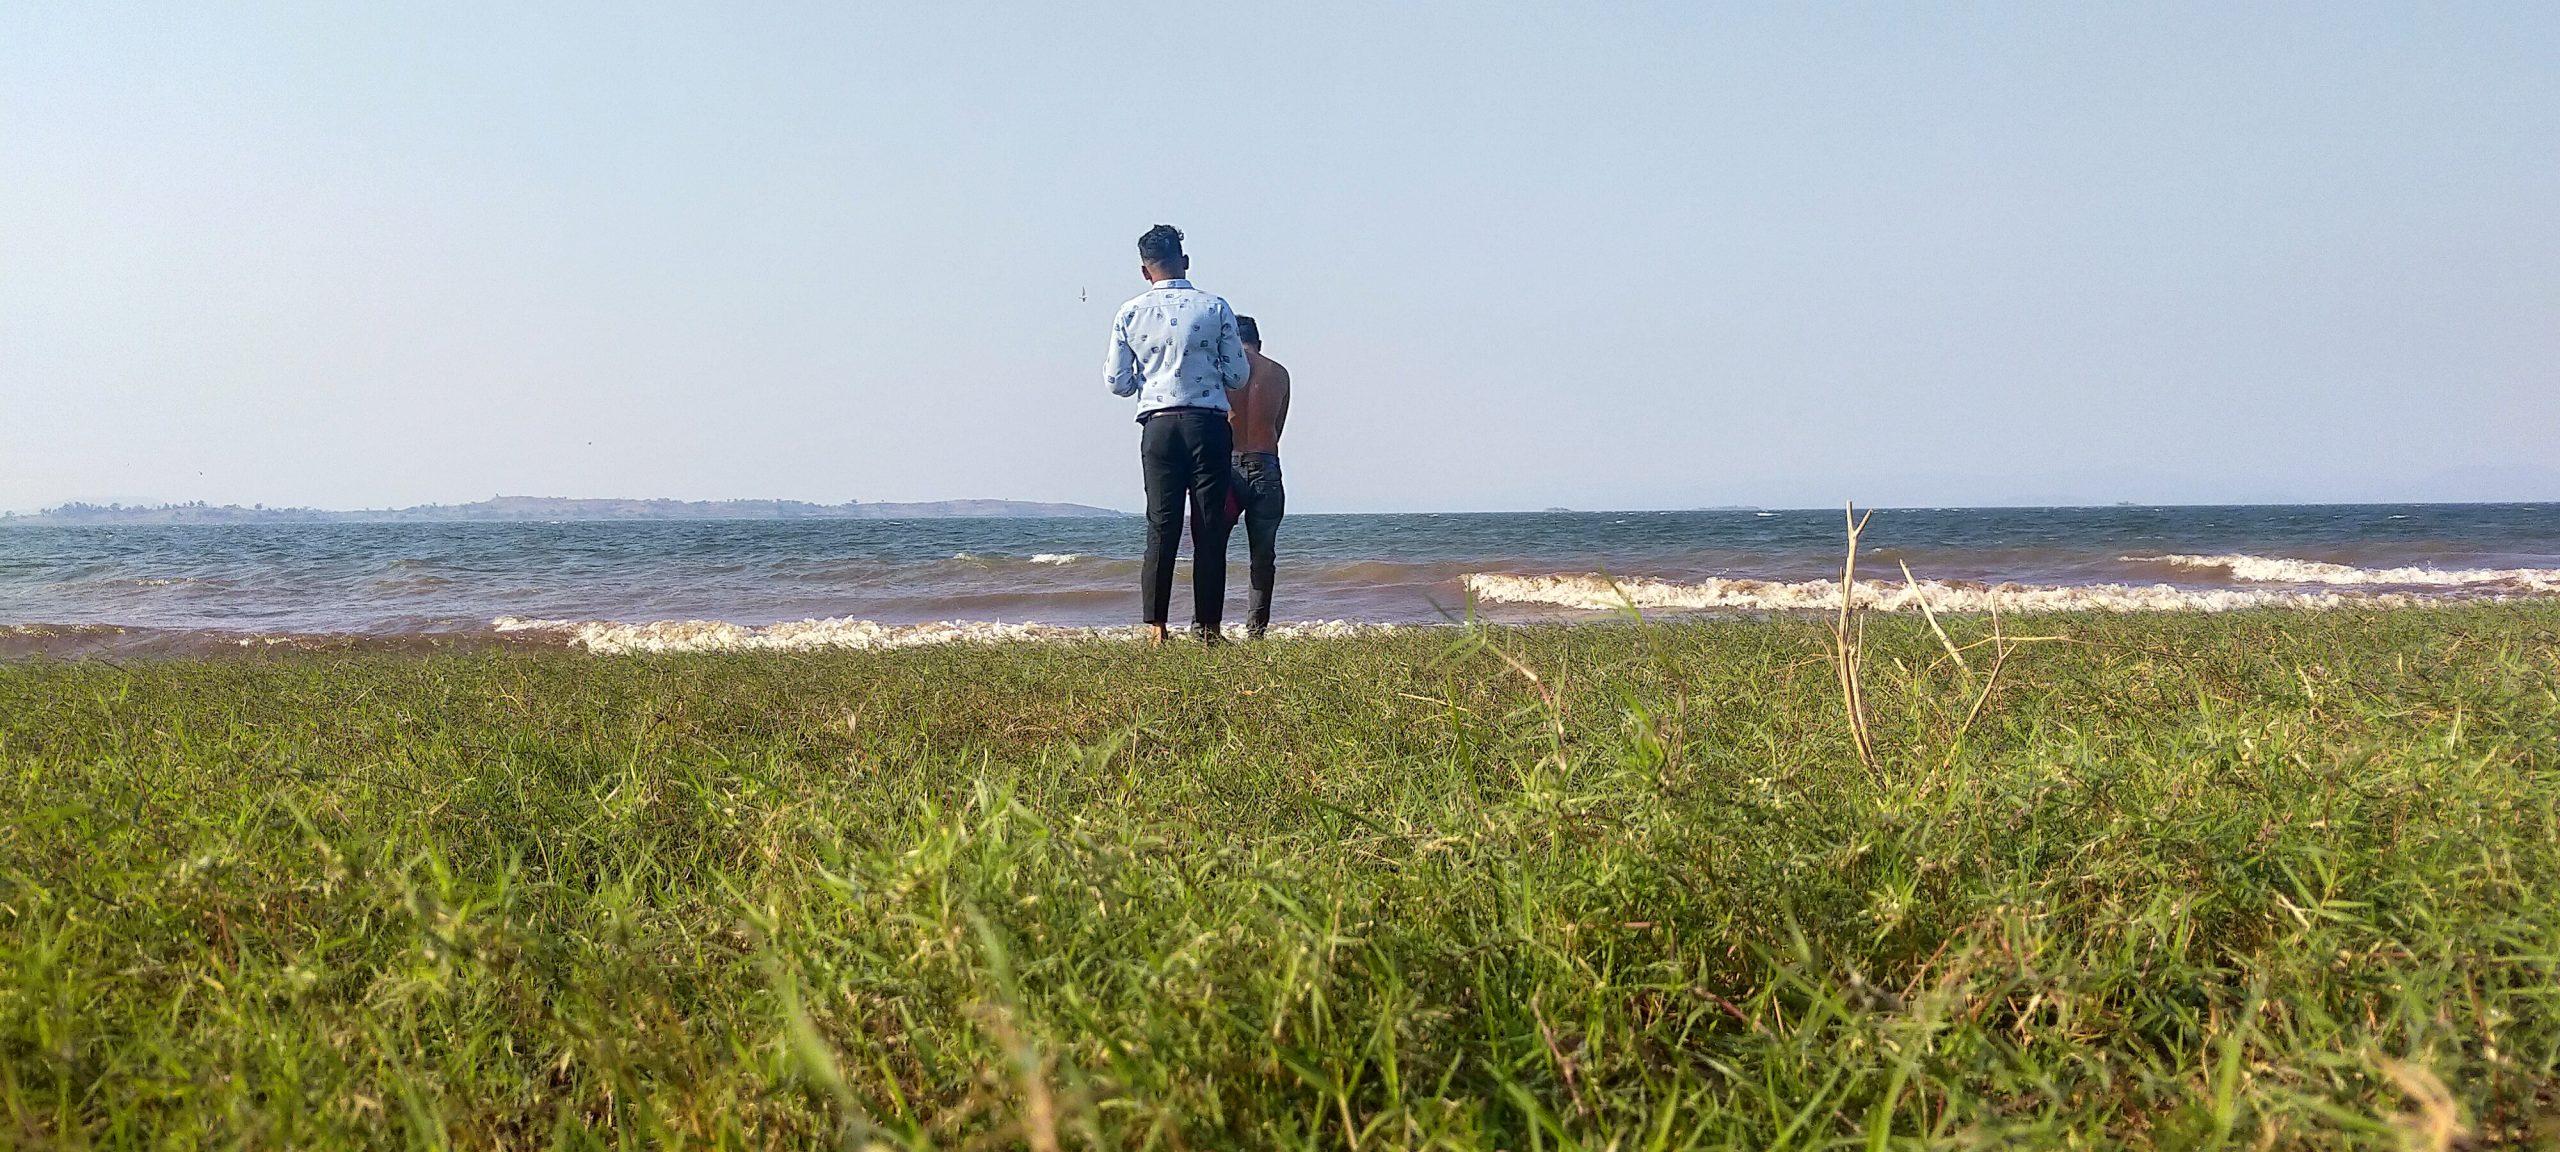 Men near the beach